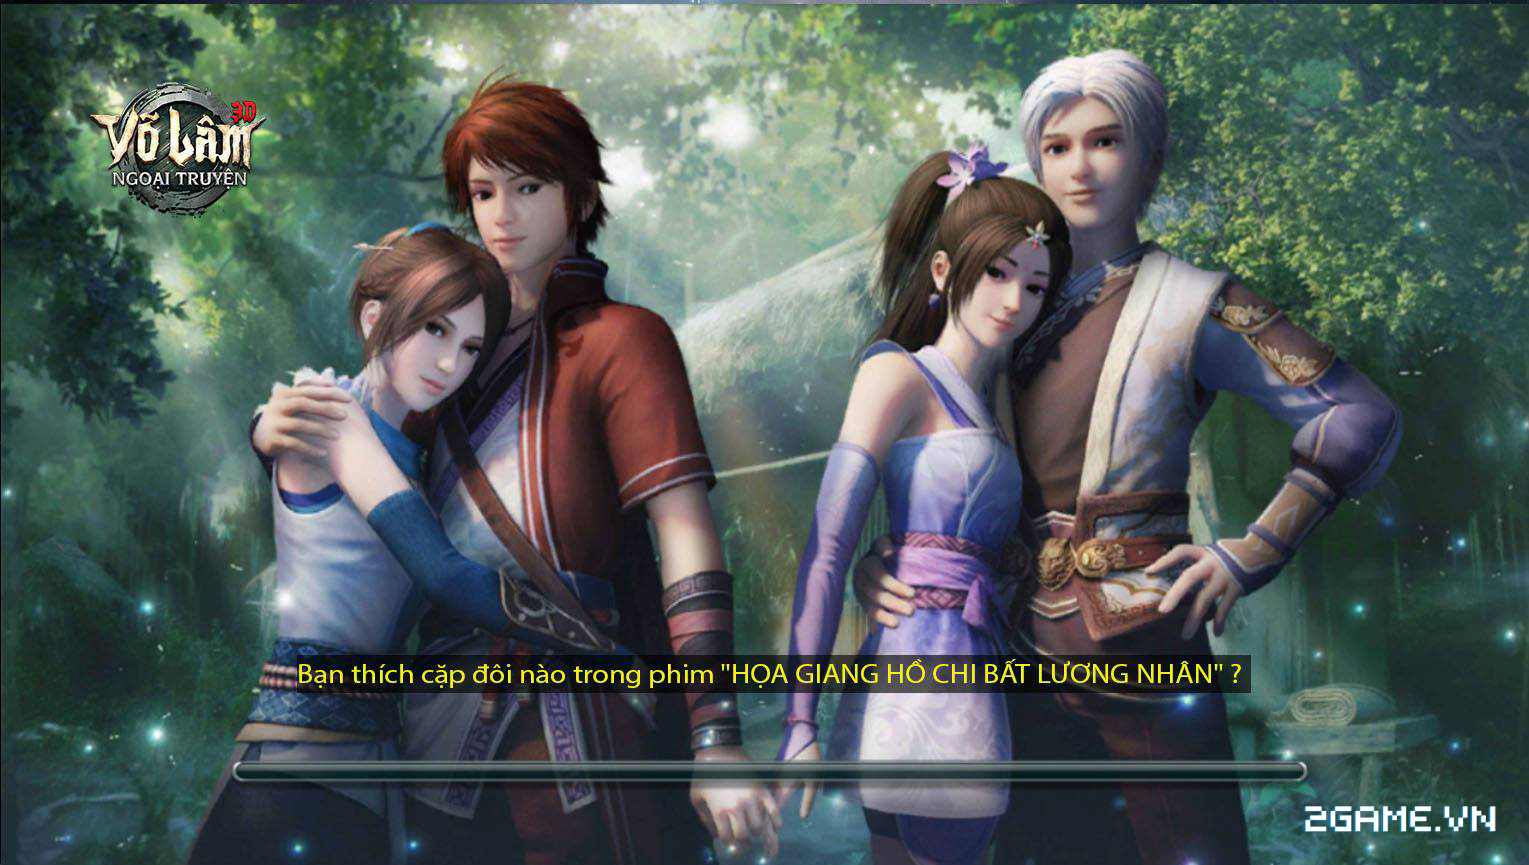 Võ Lâm Ngoại Truyện mobile - Game chuyển thể từ phim hoạt hình 3D nổi tiếng 1